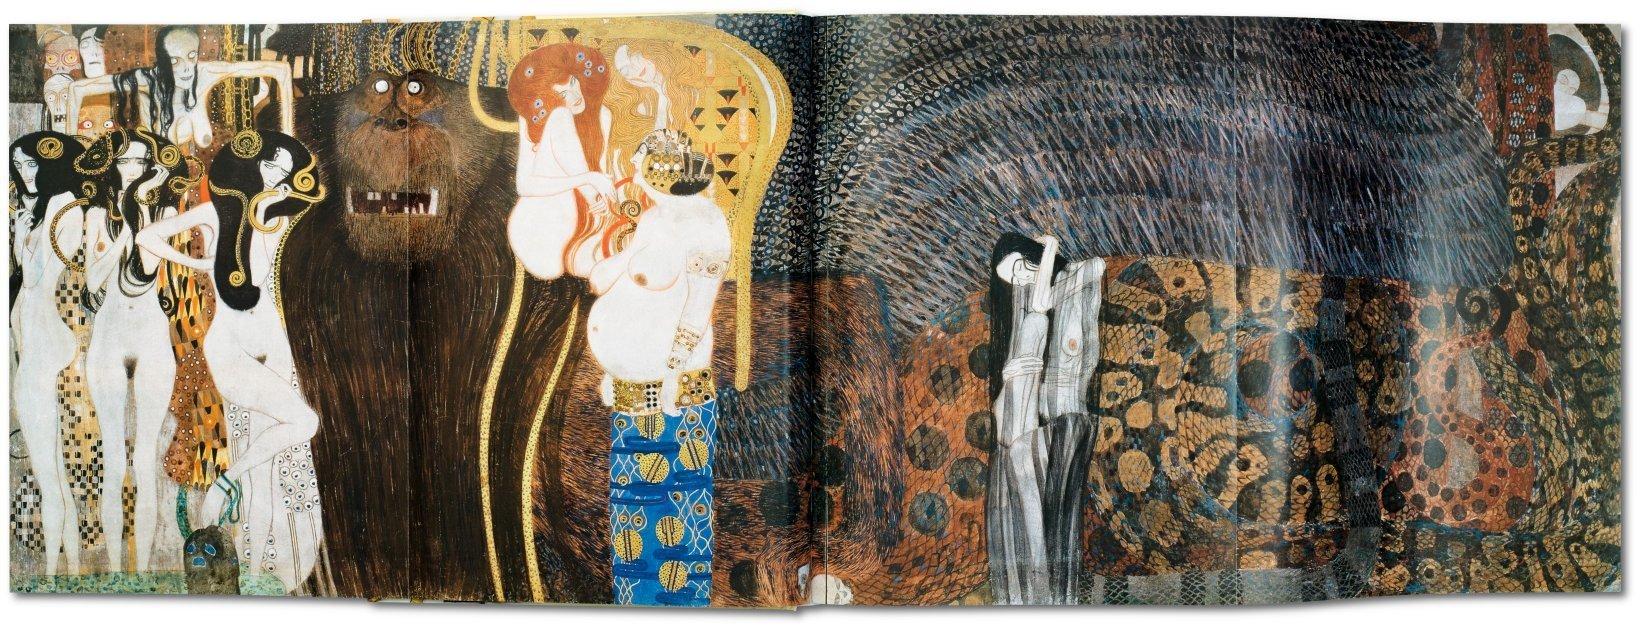 Gustav Klimt: Complete Paintings: Amazon.co.uk: Tobias G. Natter ...